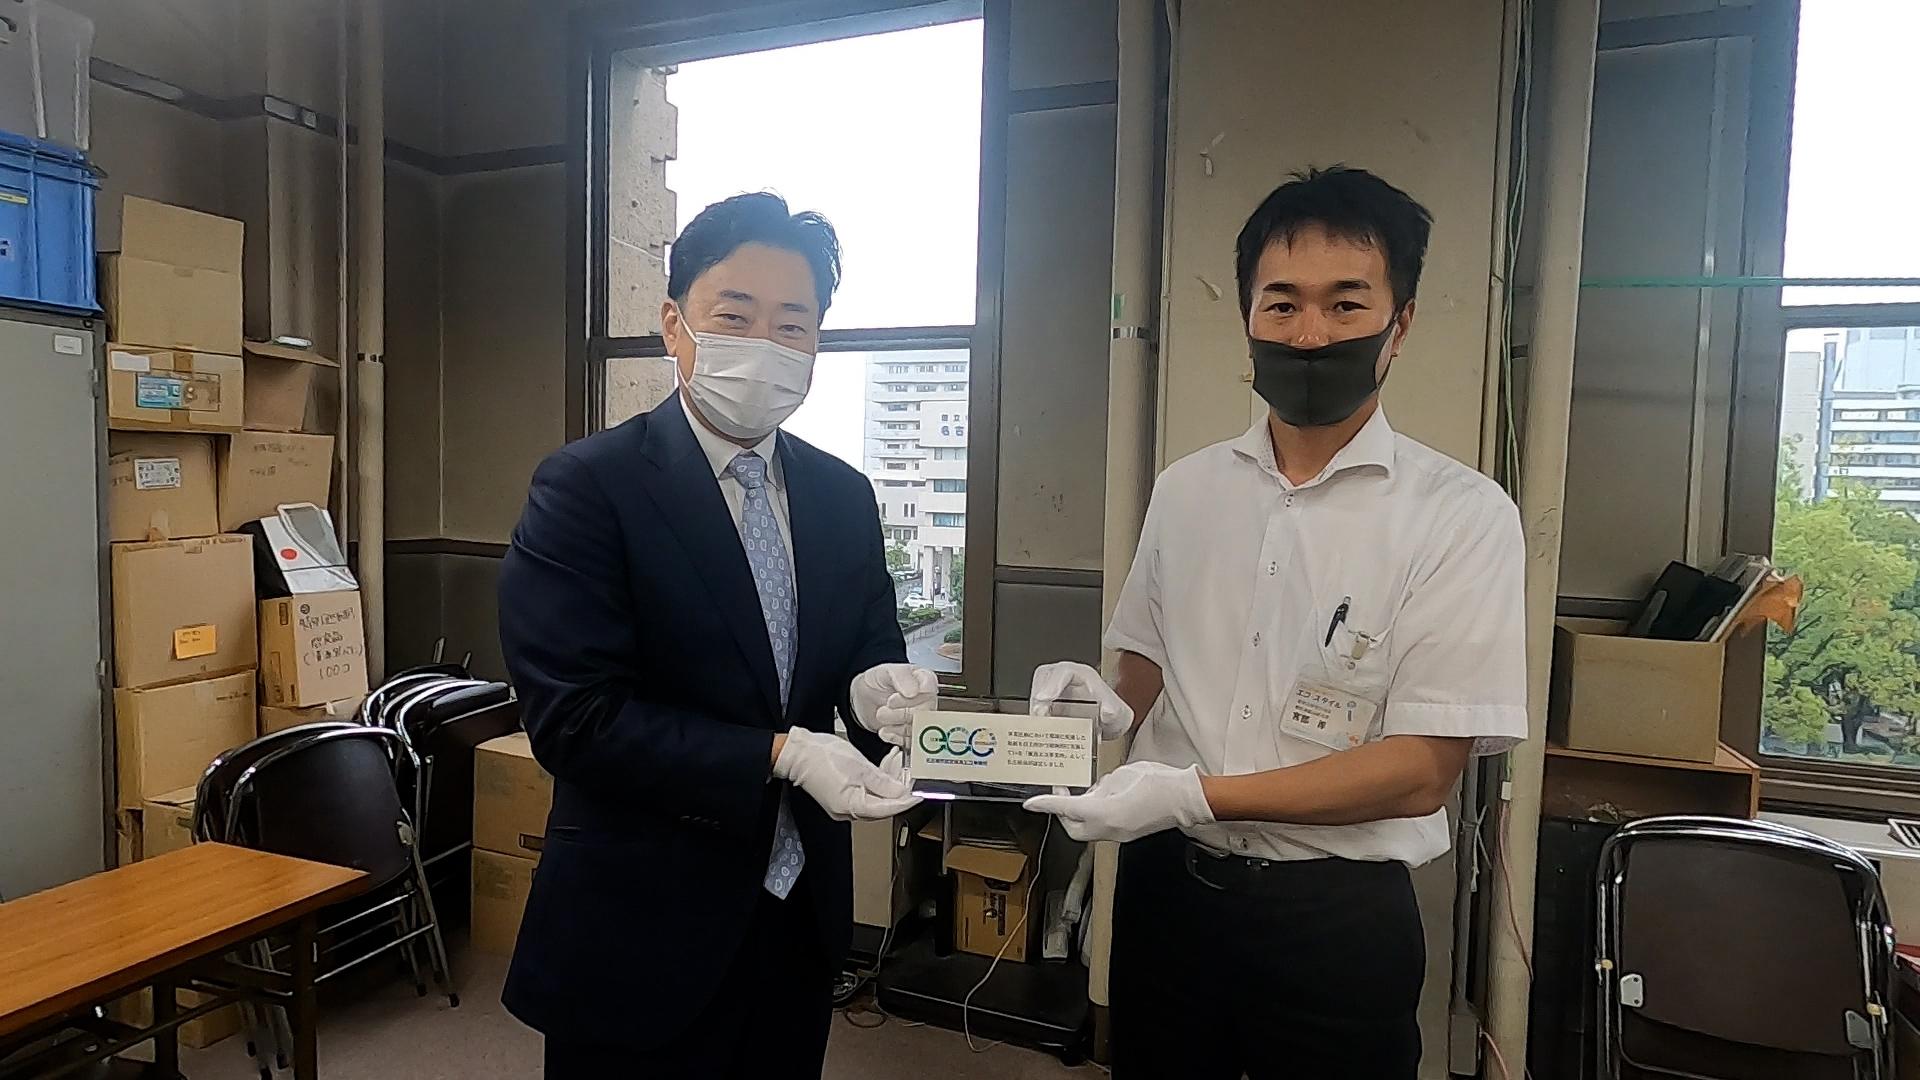 名古屋市優良エコ事業所の盾をいただきました!